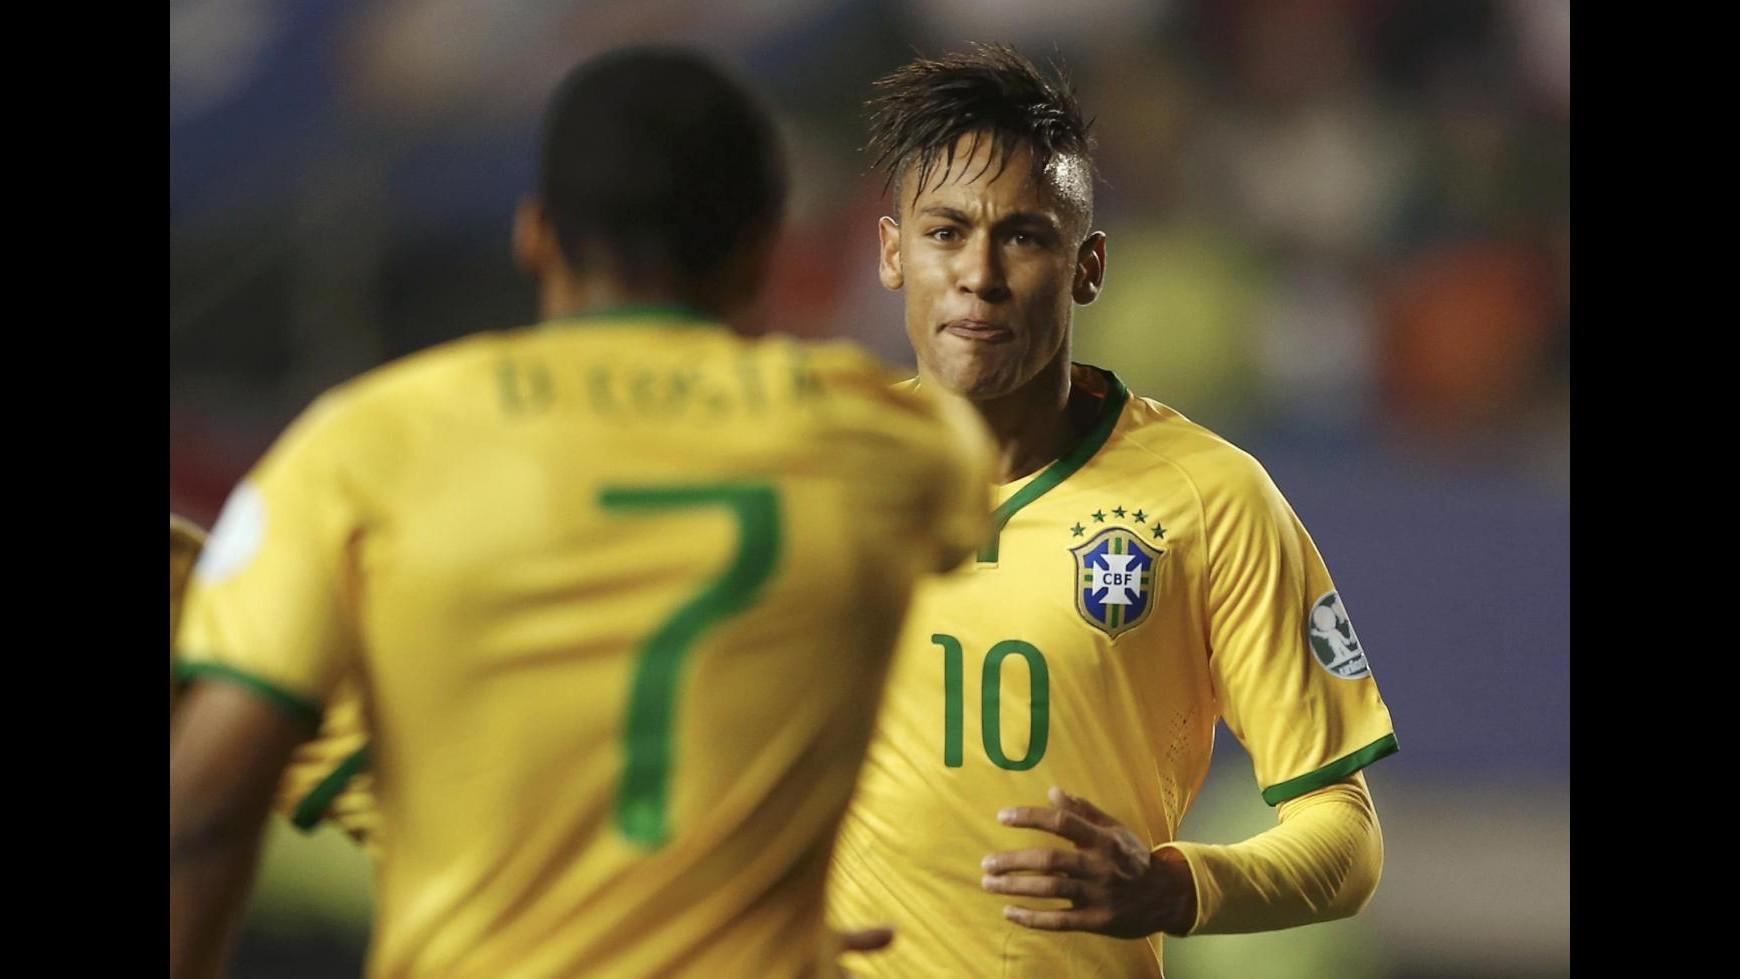 Neymar, pronto rinnovo con il Barcellona: ingaggio da 12 milioni